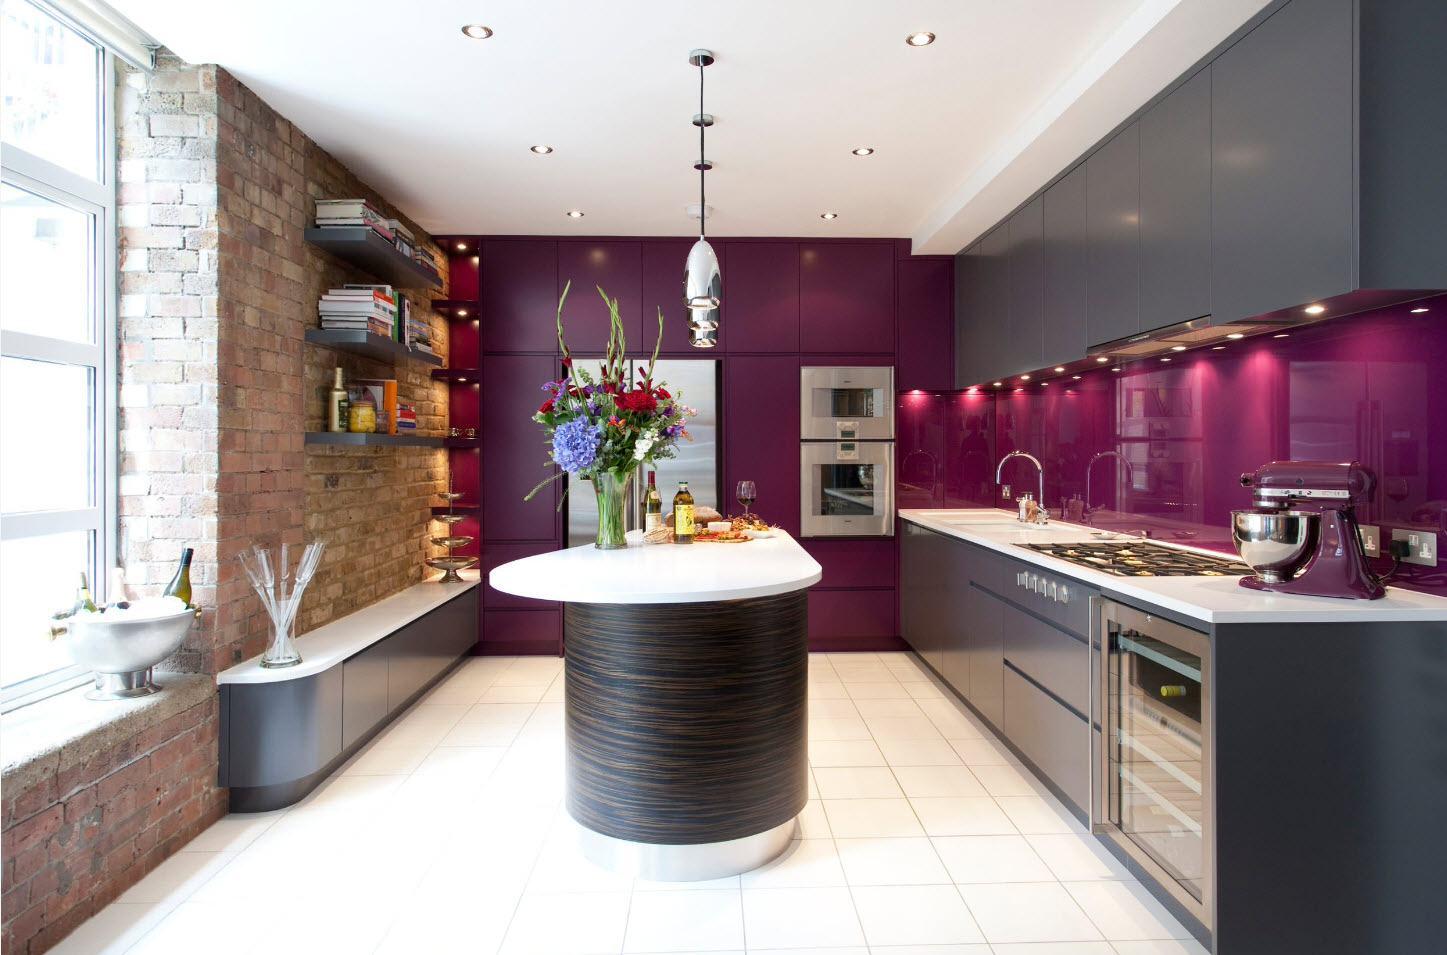 лишь кухни фото цветовые решения стен необходимо будет подготовить